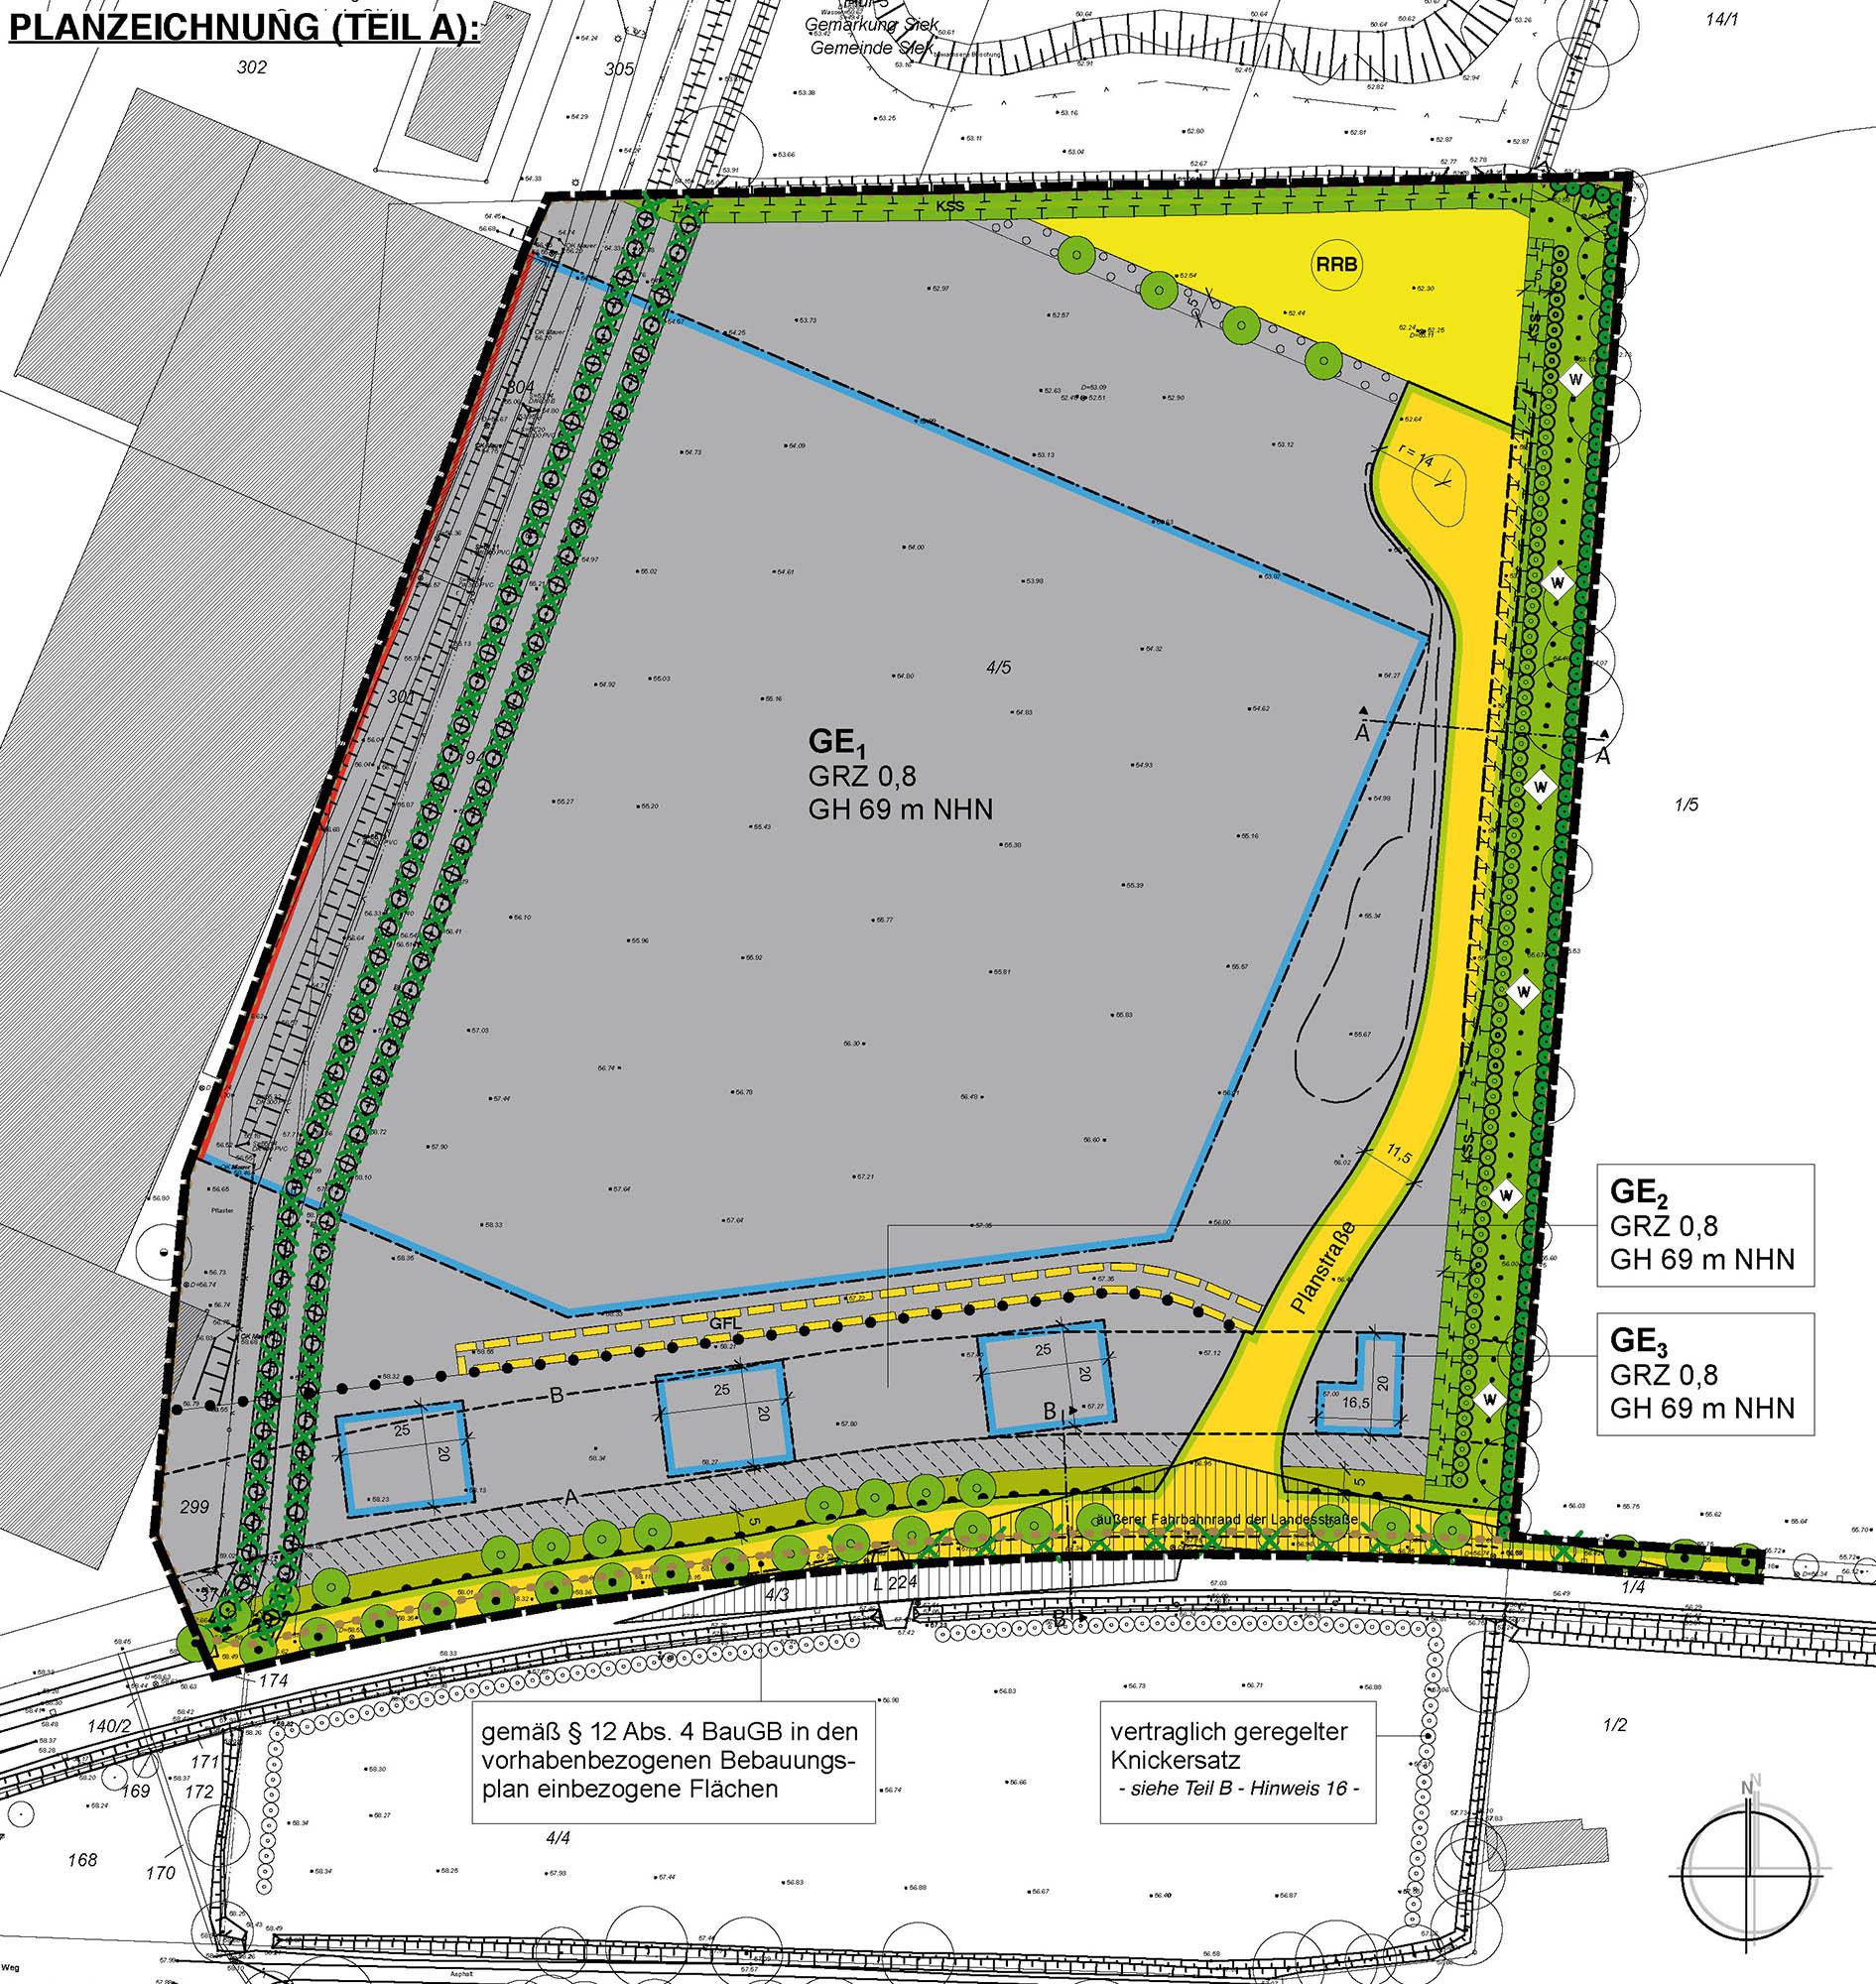 Vorhabenbezogener Bebauungsplan Nr. 22 und 27. FNP-Änderung, Gemeinde Siek